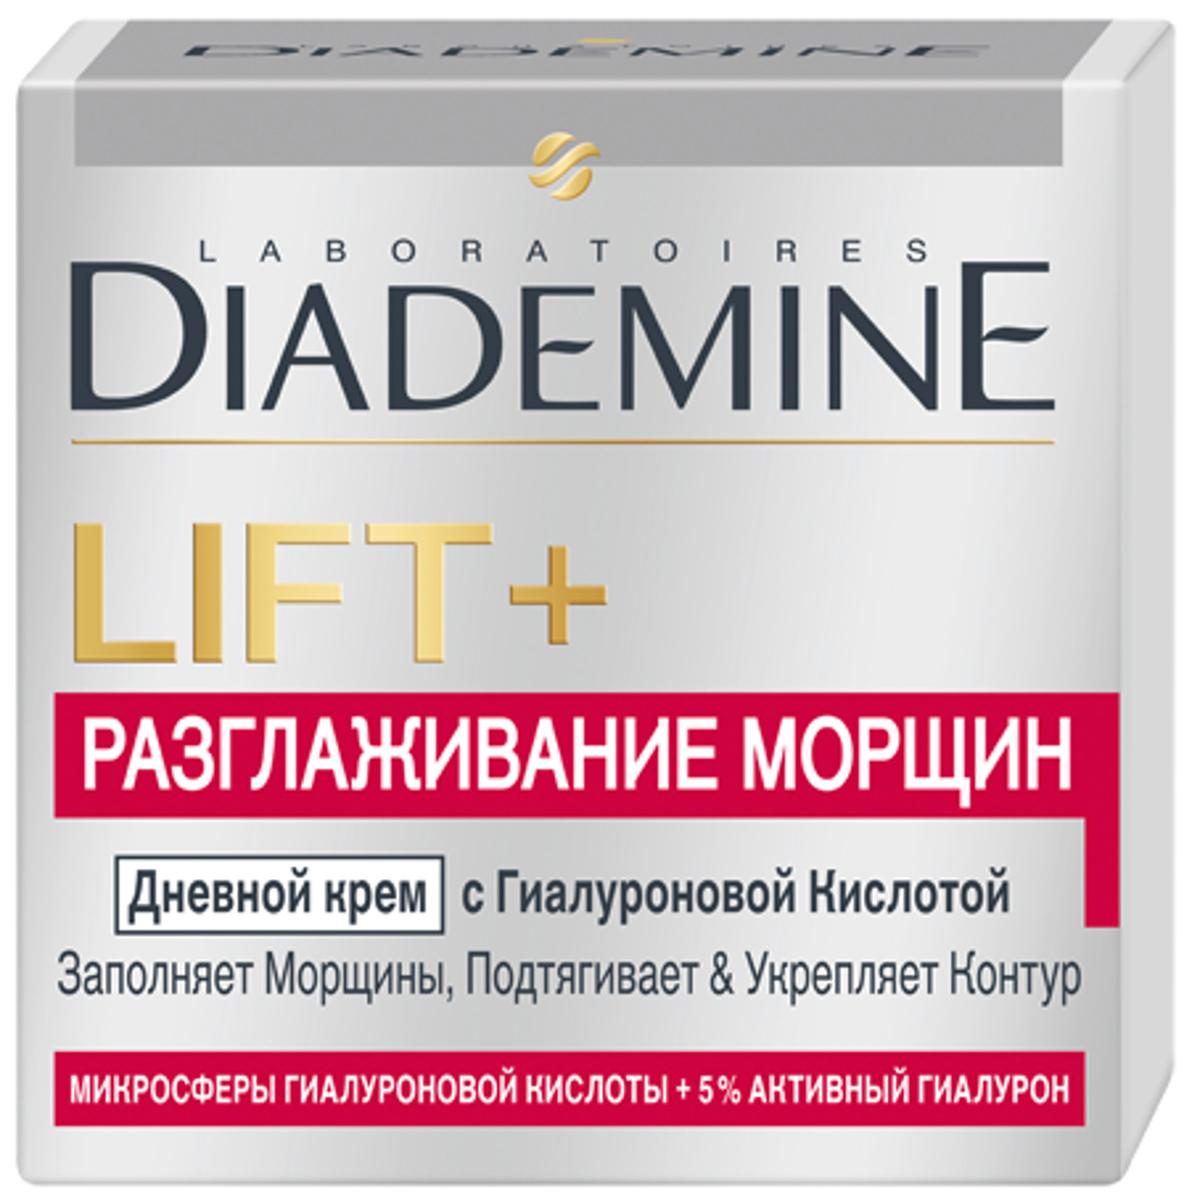 DIADEMINE LIFT+ Superfiller Разглаживание морщин Дневной крем, 50мл diademine lift крем дневной разглаживание морщин 50мл